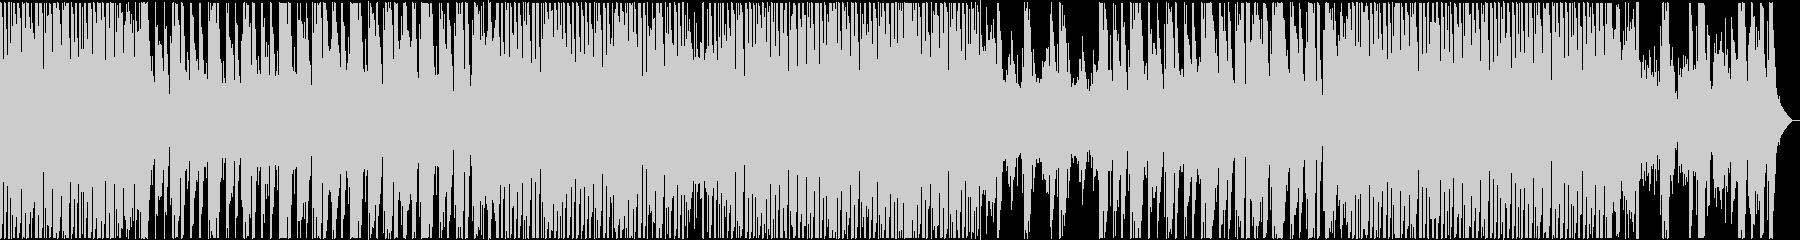 ピアノが爽やかで明るいポップなBGMの未再生の波形